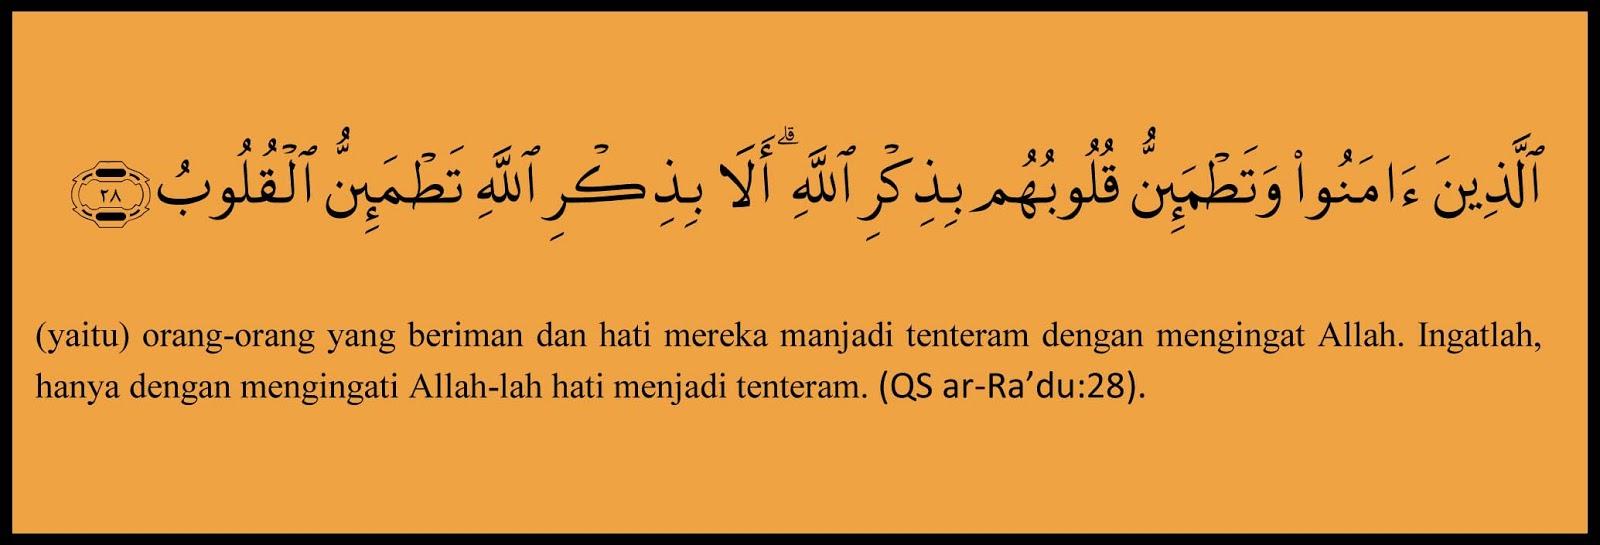 Alternatif Hiburan Aman Di Bulan Ramadhan, puasa, ibadah puasa, ramadhan